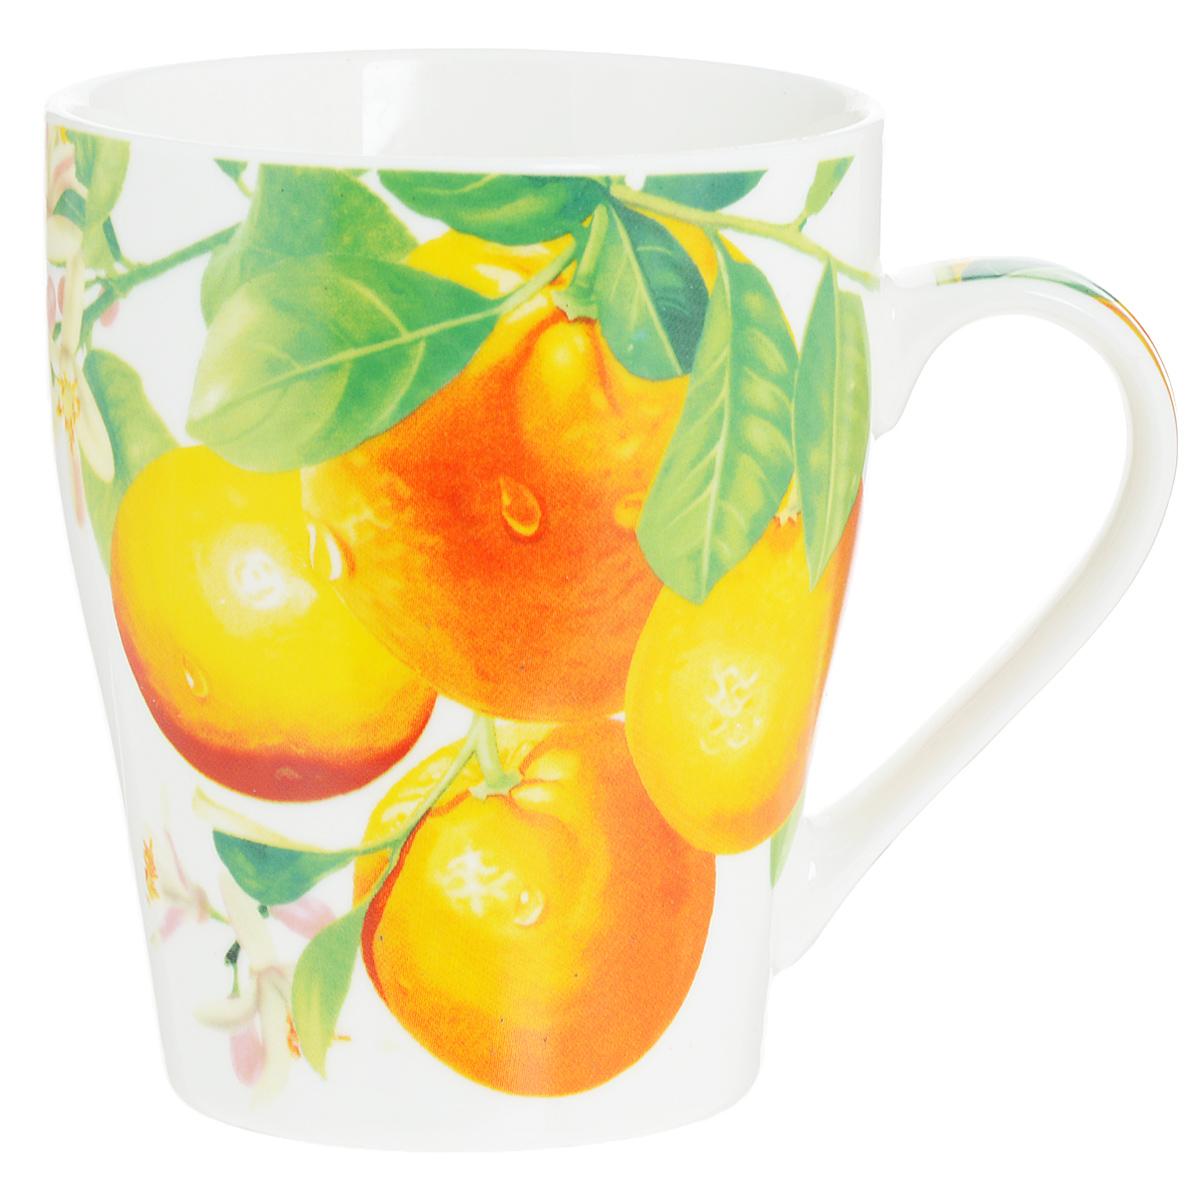 Кружка Loraine Апельсины, 340 мл кружка loraine десерт 340 мл 26588